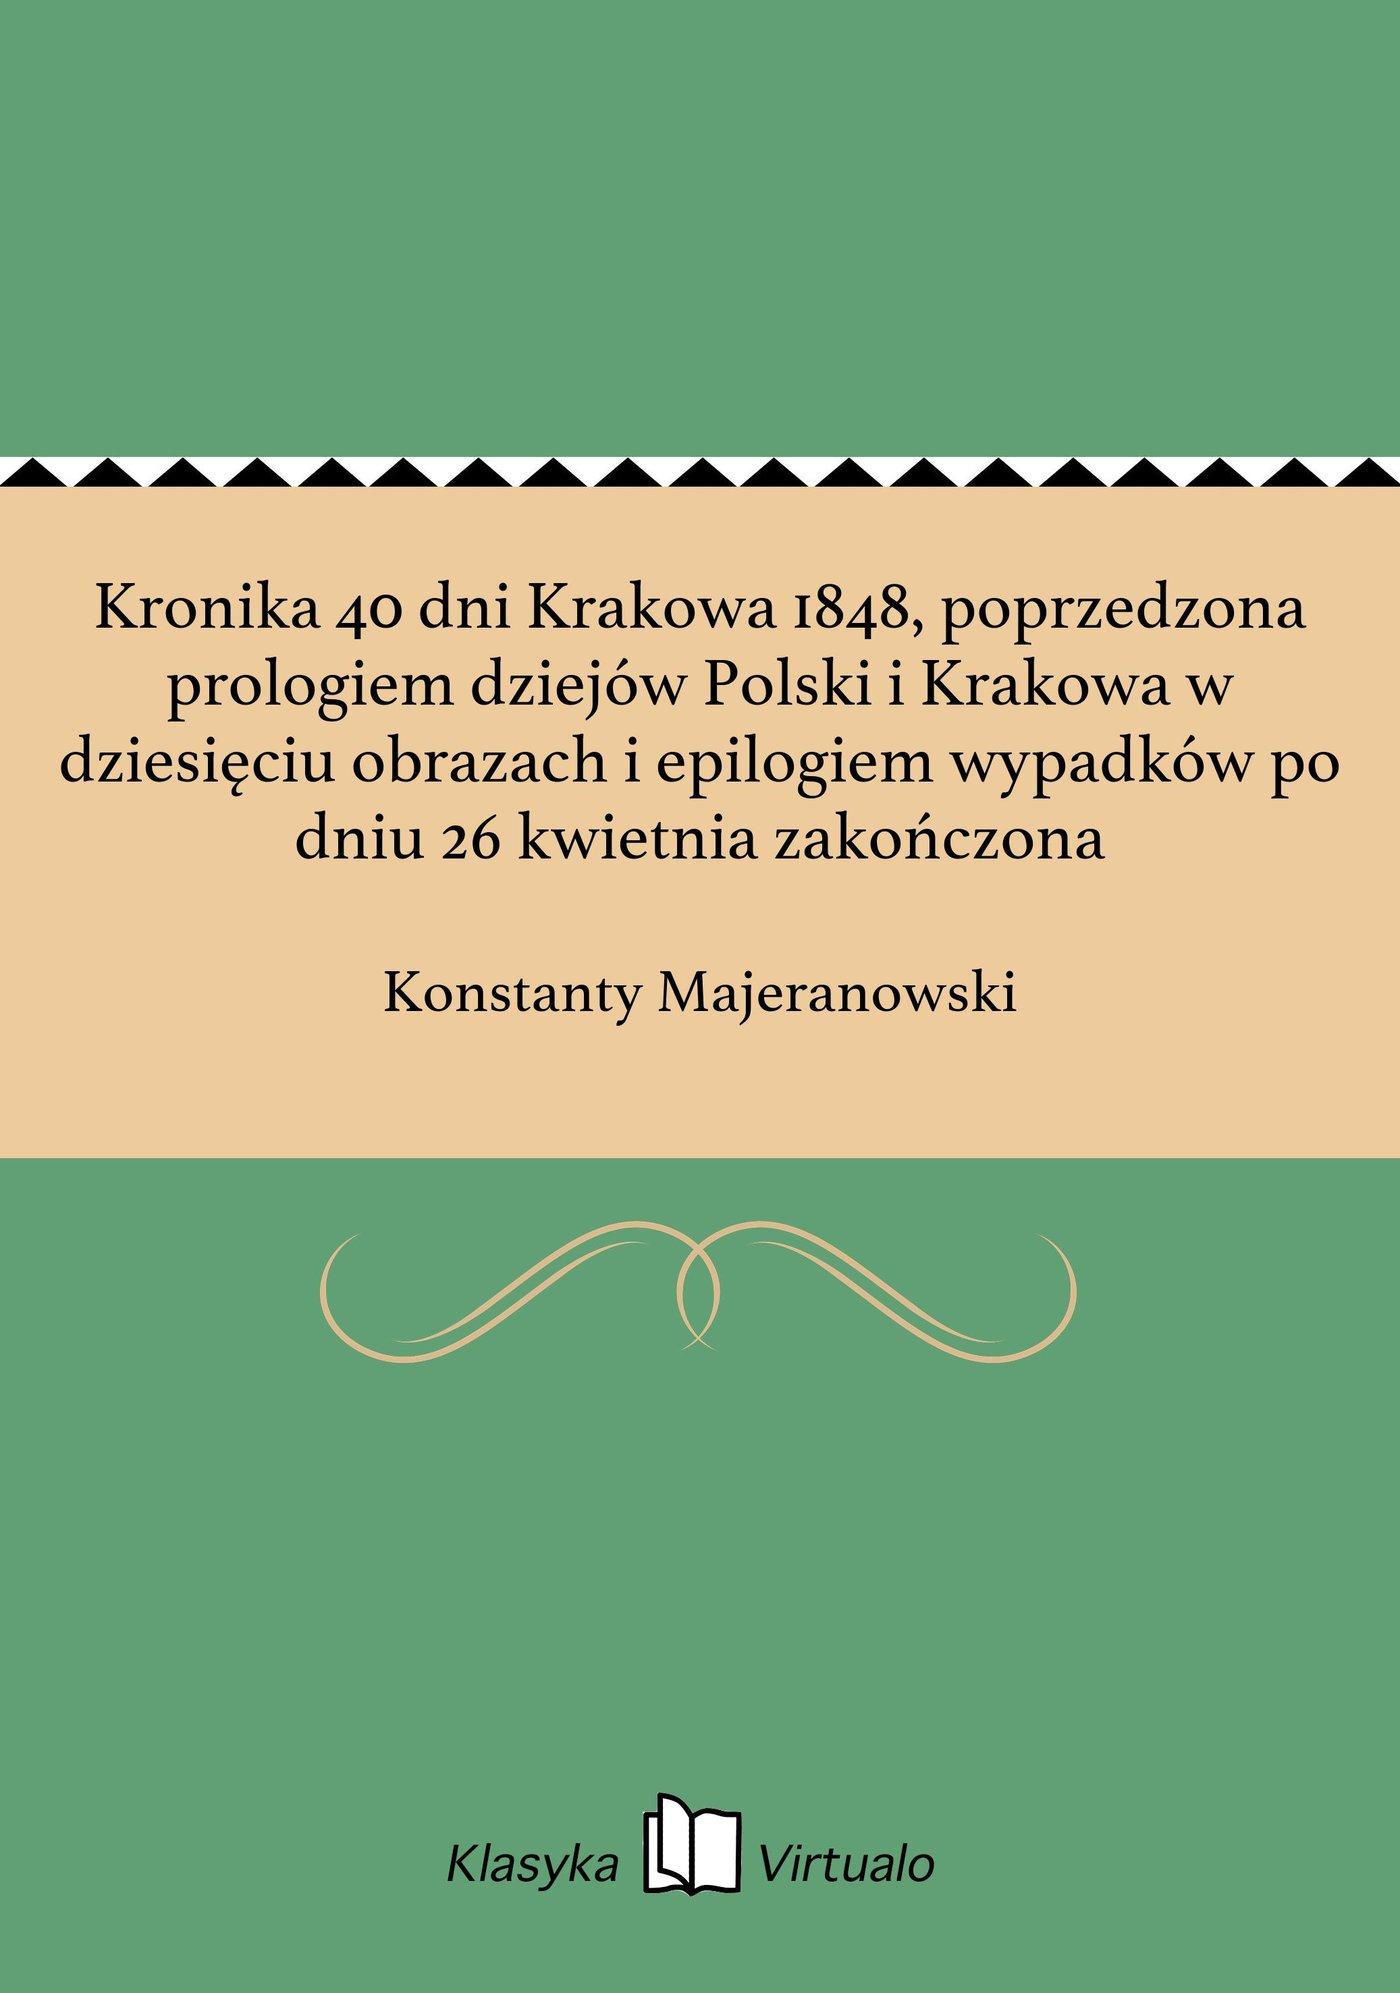 Kronika 40 dni Krakowa 1848, poprzedzona prologiem dziejów Polski i Krakowa w dziesięciu obrazach i epilogiem wypadków po dniu 26 kwietnia zakończona - Ebook (Książka na Kindle) do pobrania w formacie MOBI